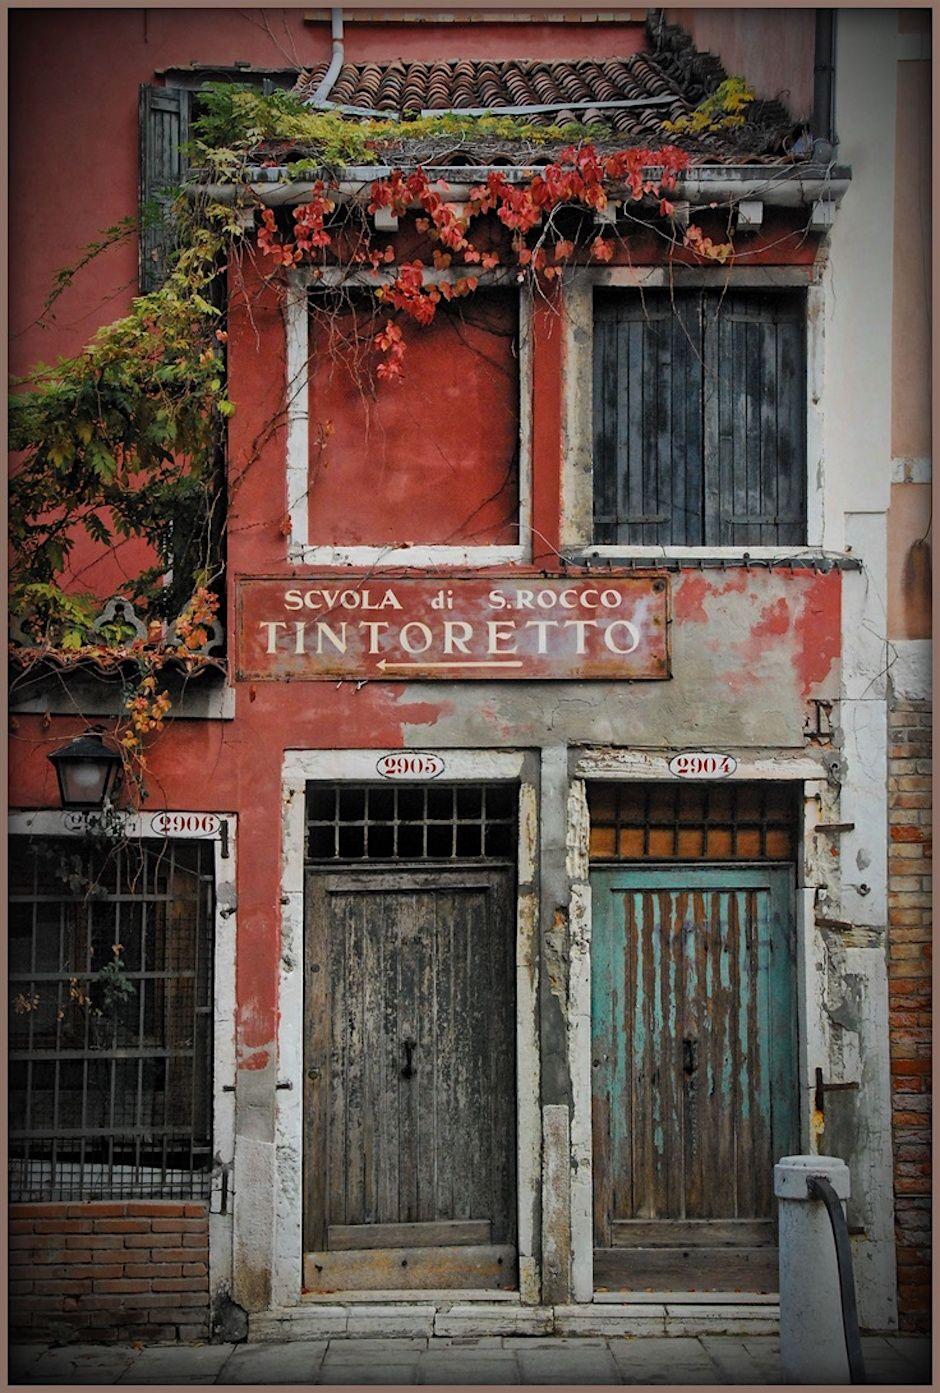 Explore Purple Home Old Doors and more! & Scuola di S.Rocco Tintoretto Venezia Italia. | Clothed in Scarlet ...